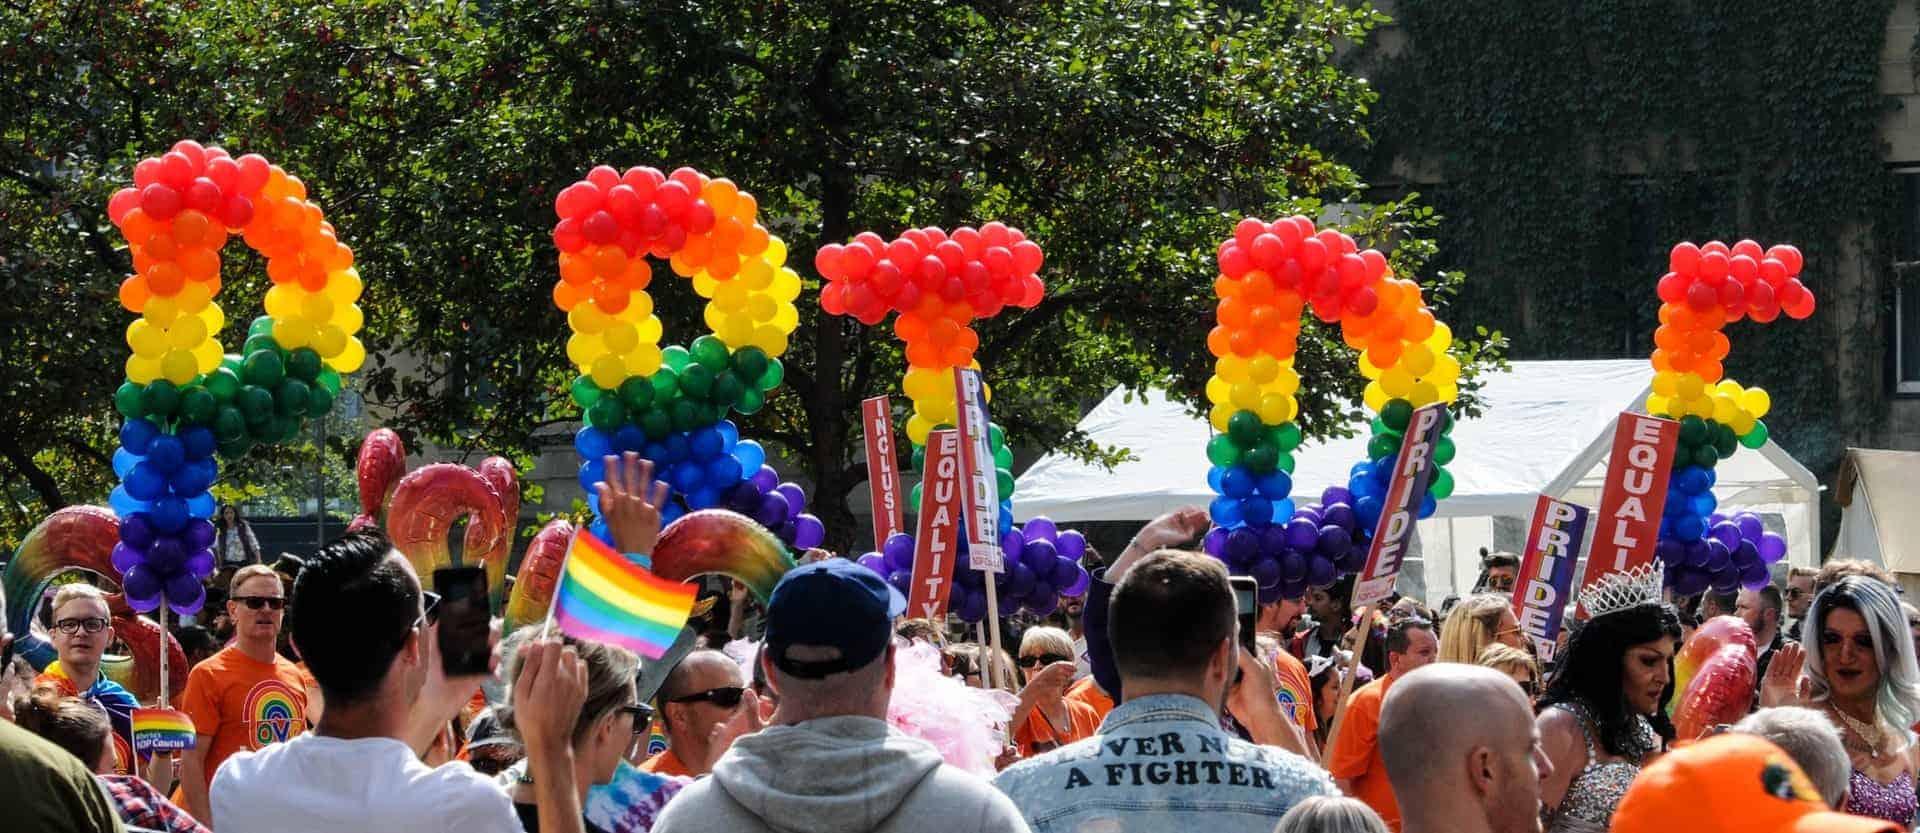 La Marcha del Orgullo en la ciudad de Nueva York se desarrollará sin la presencia de la policía